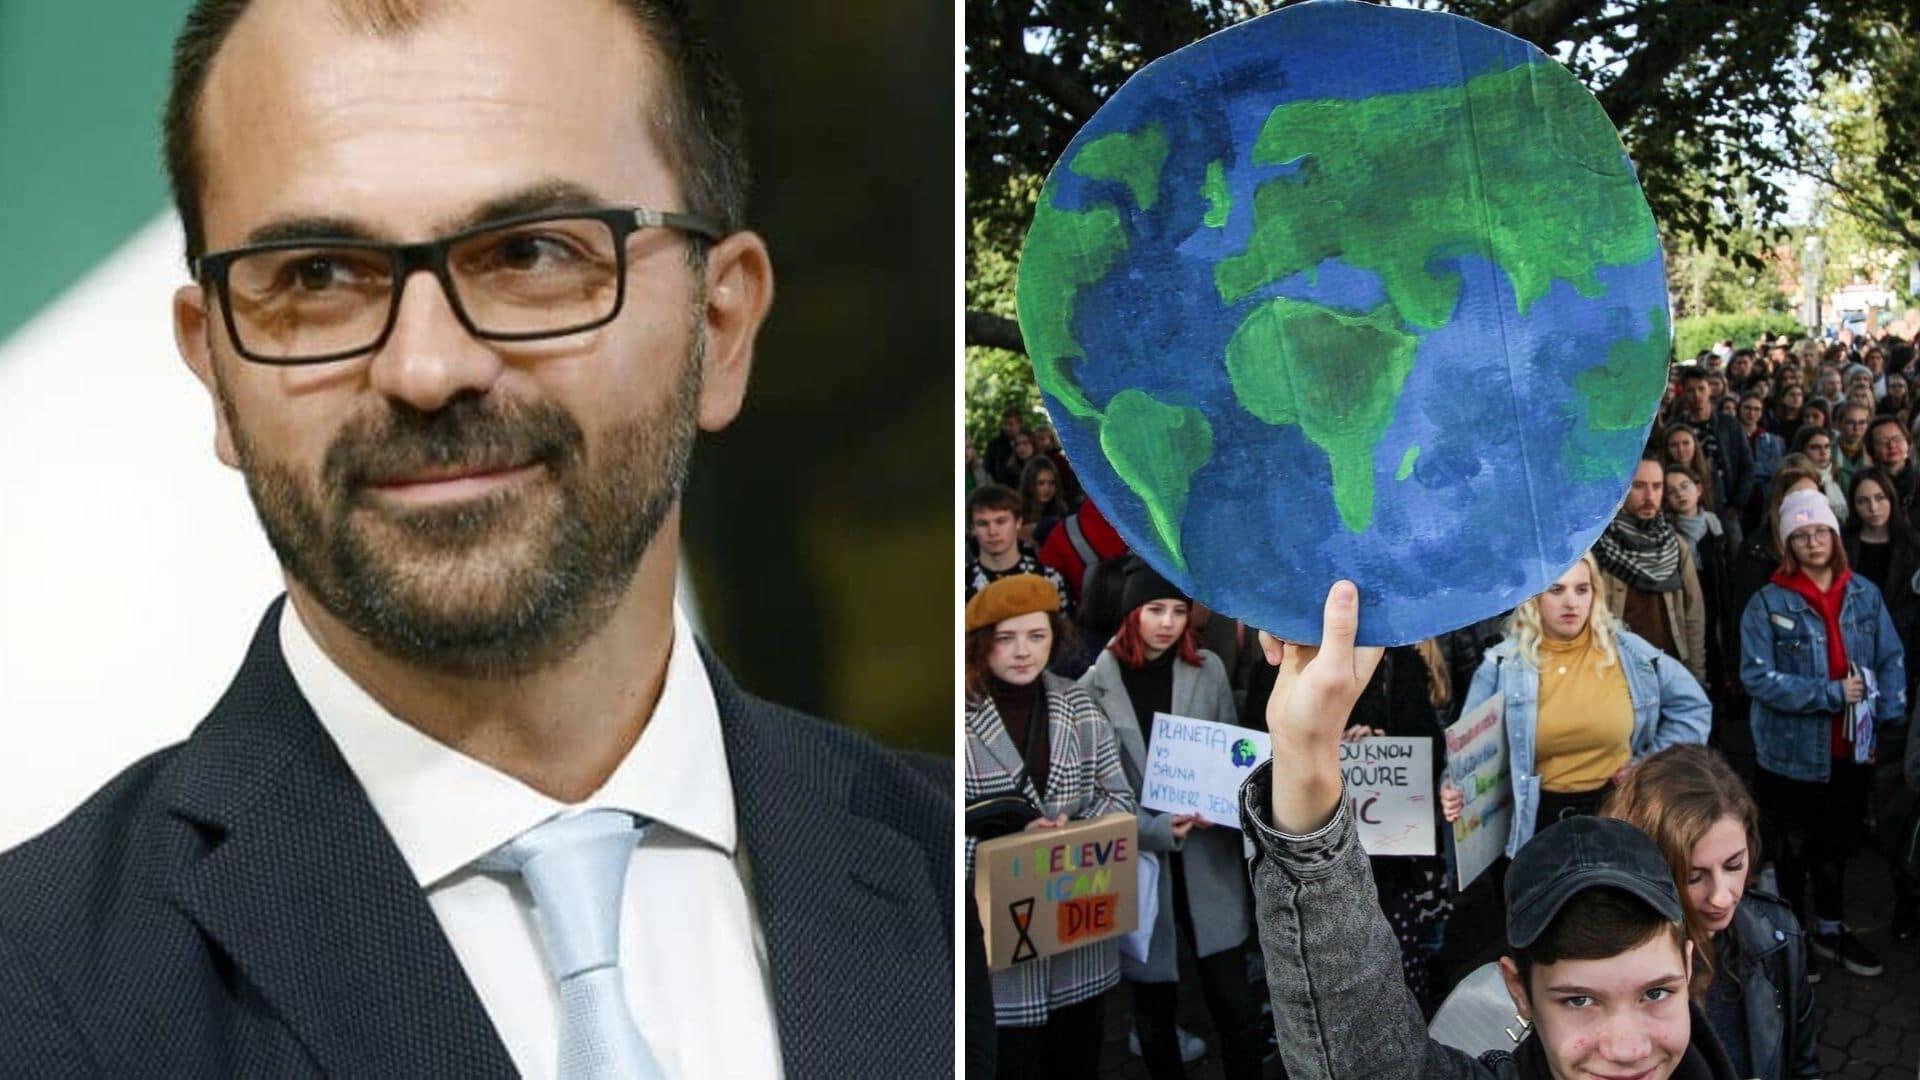 Ministro Fioramonti: giustificare assenze studenti per sciopero clima